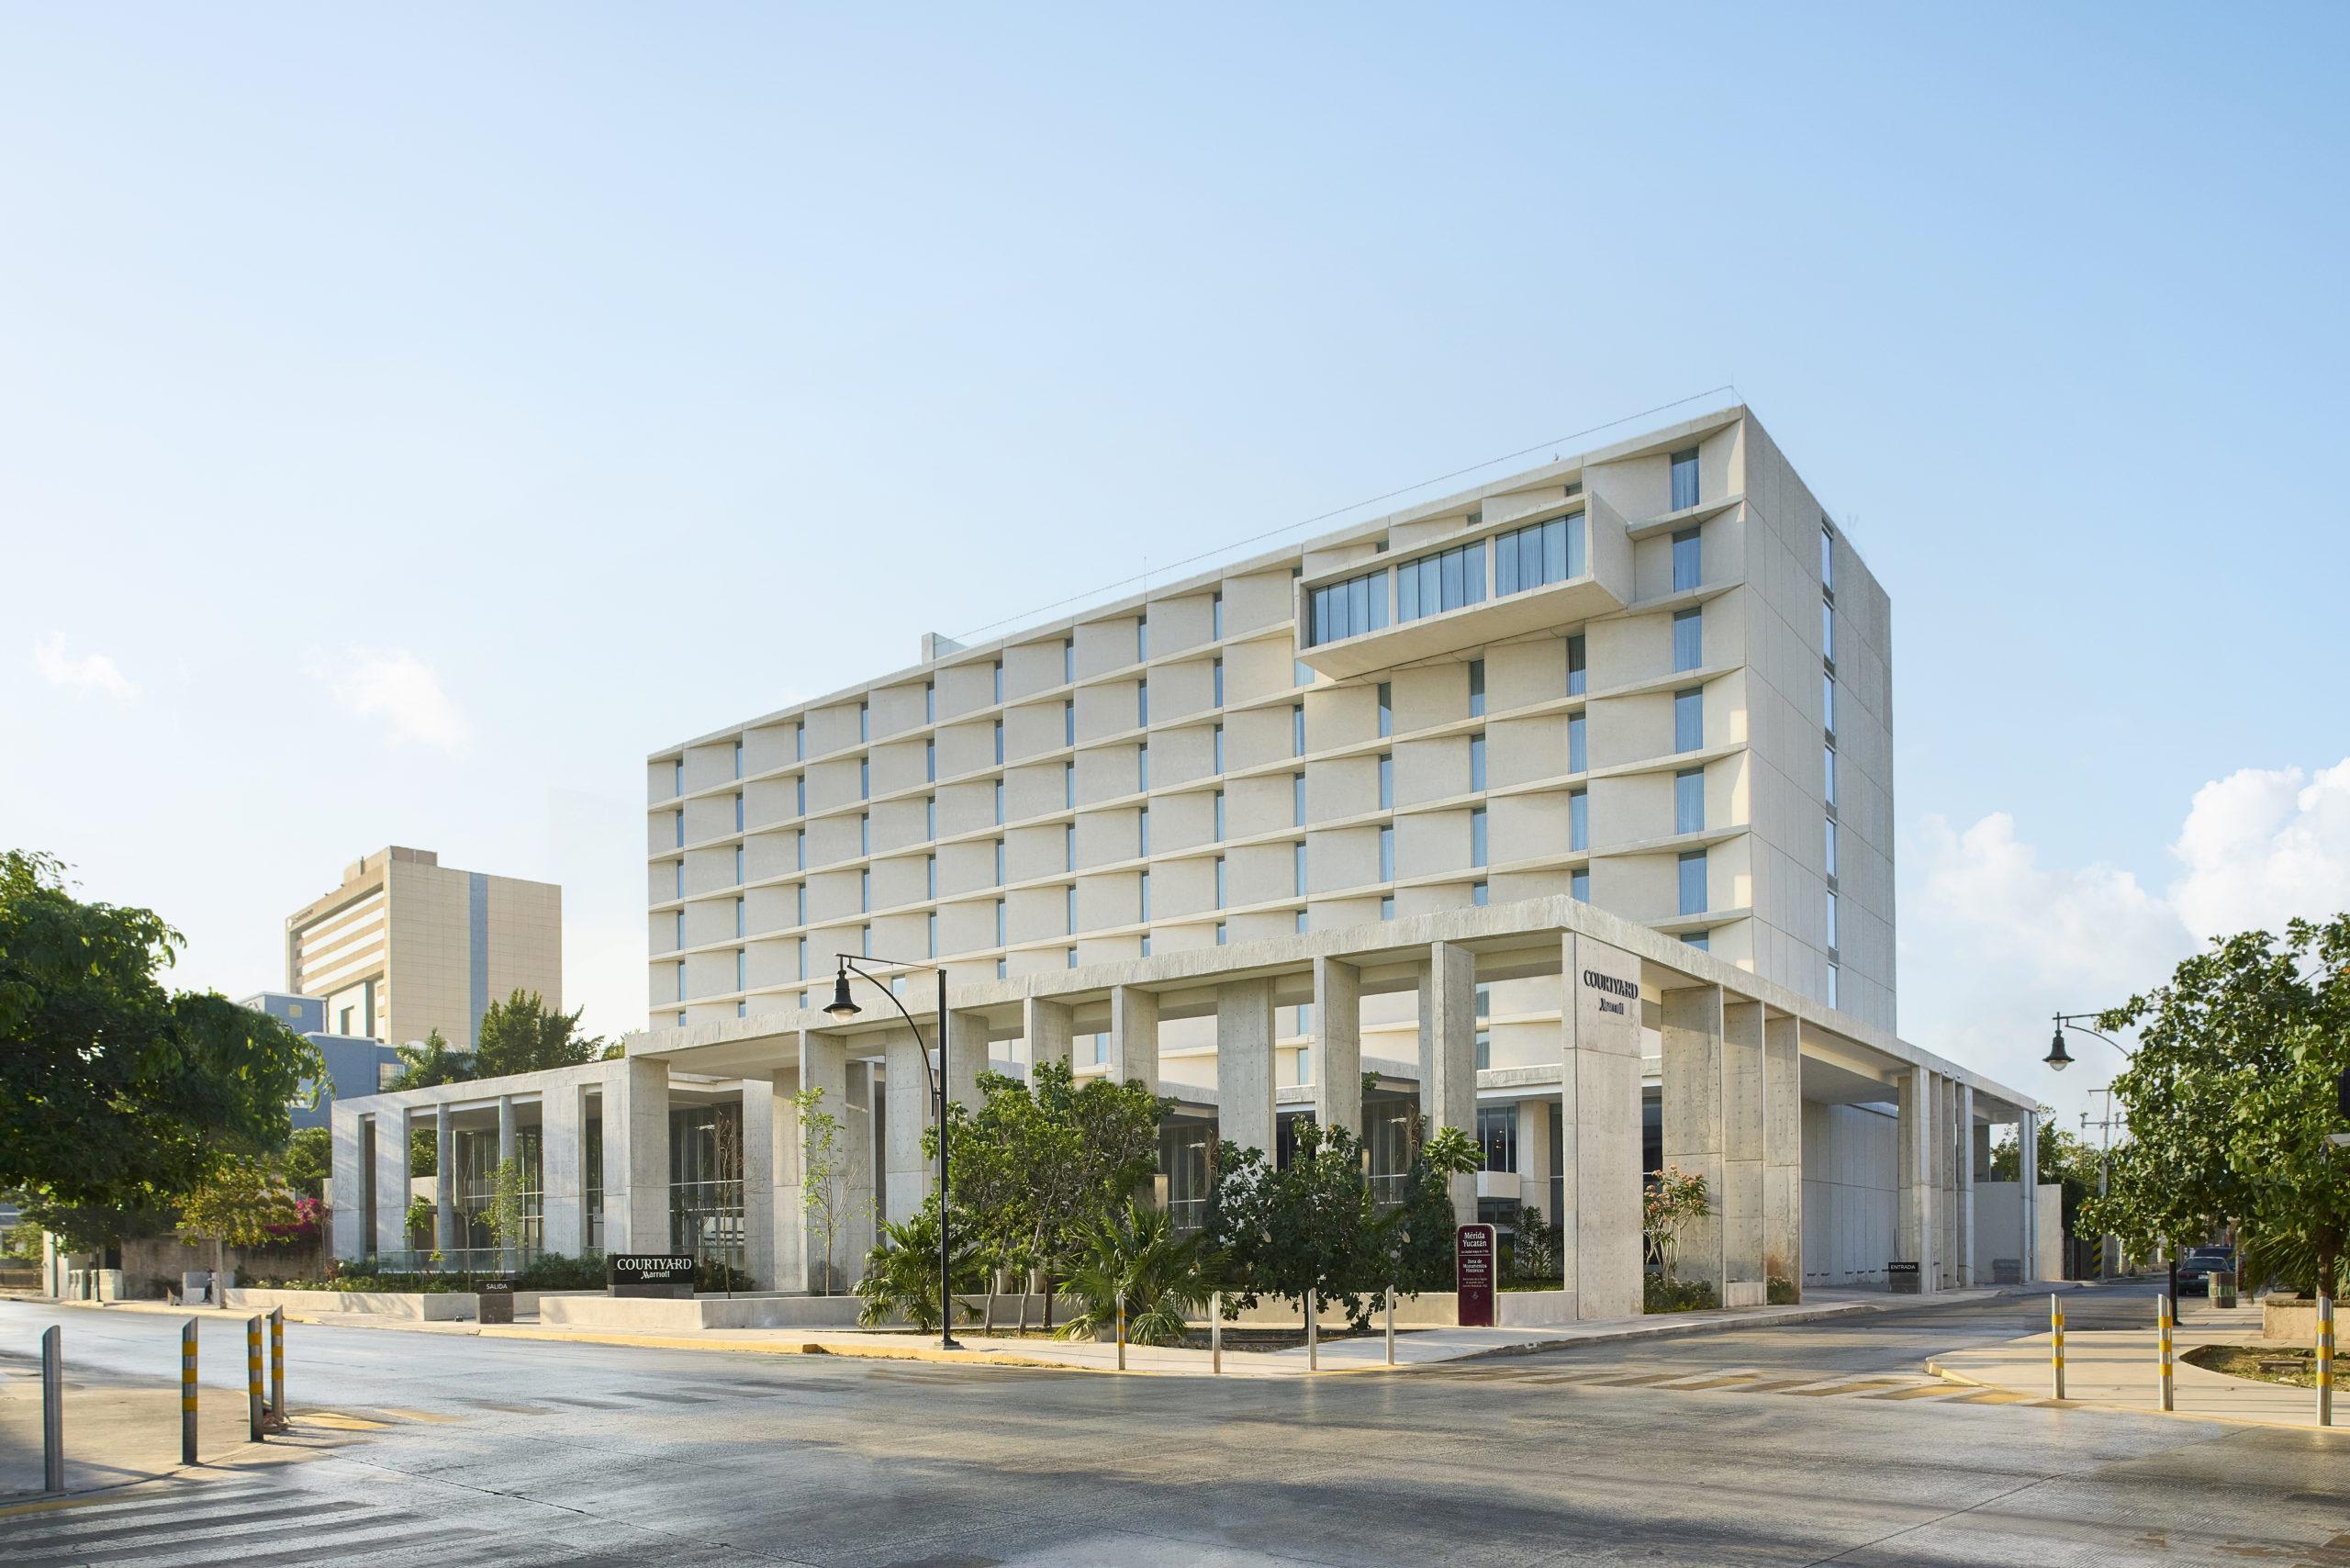 Courtyard By Marriott abre sus puertas en Mérida